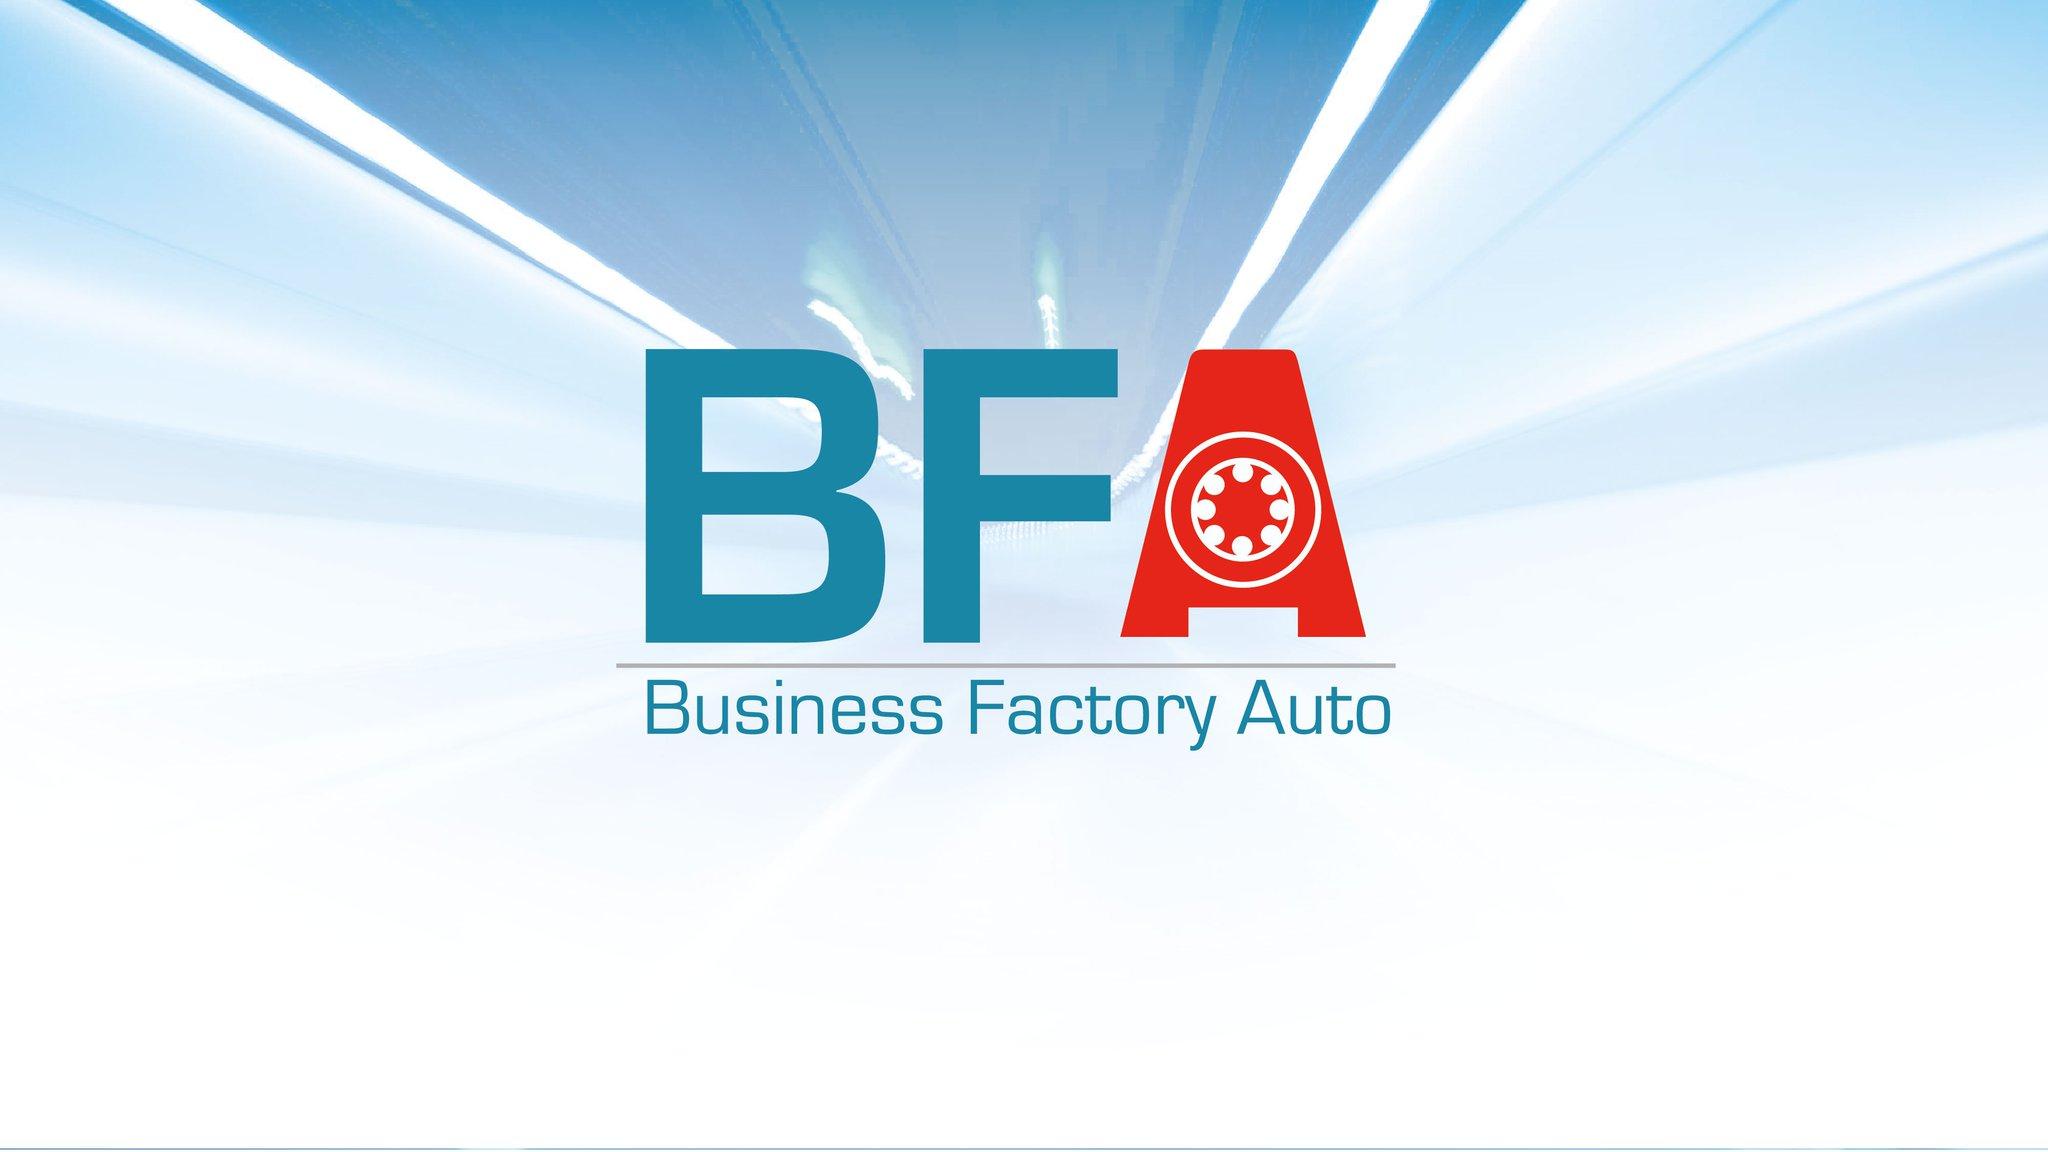 Enxendra participa en la tercera edición del BFA